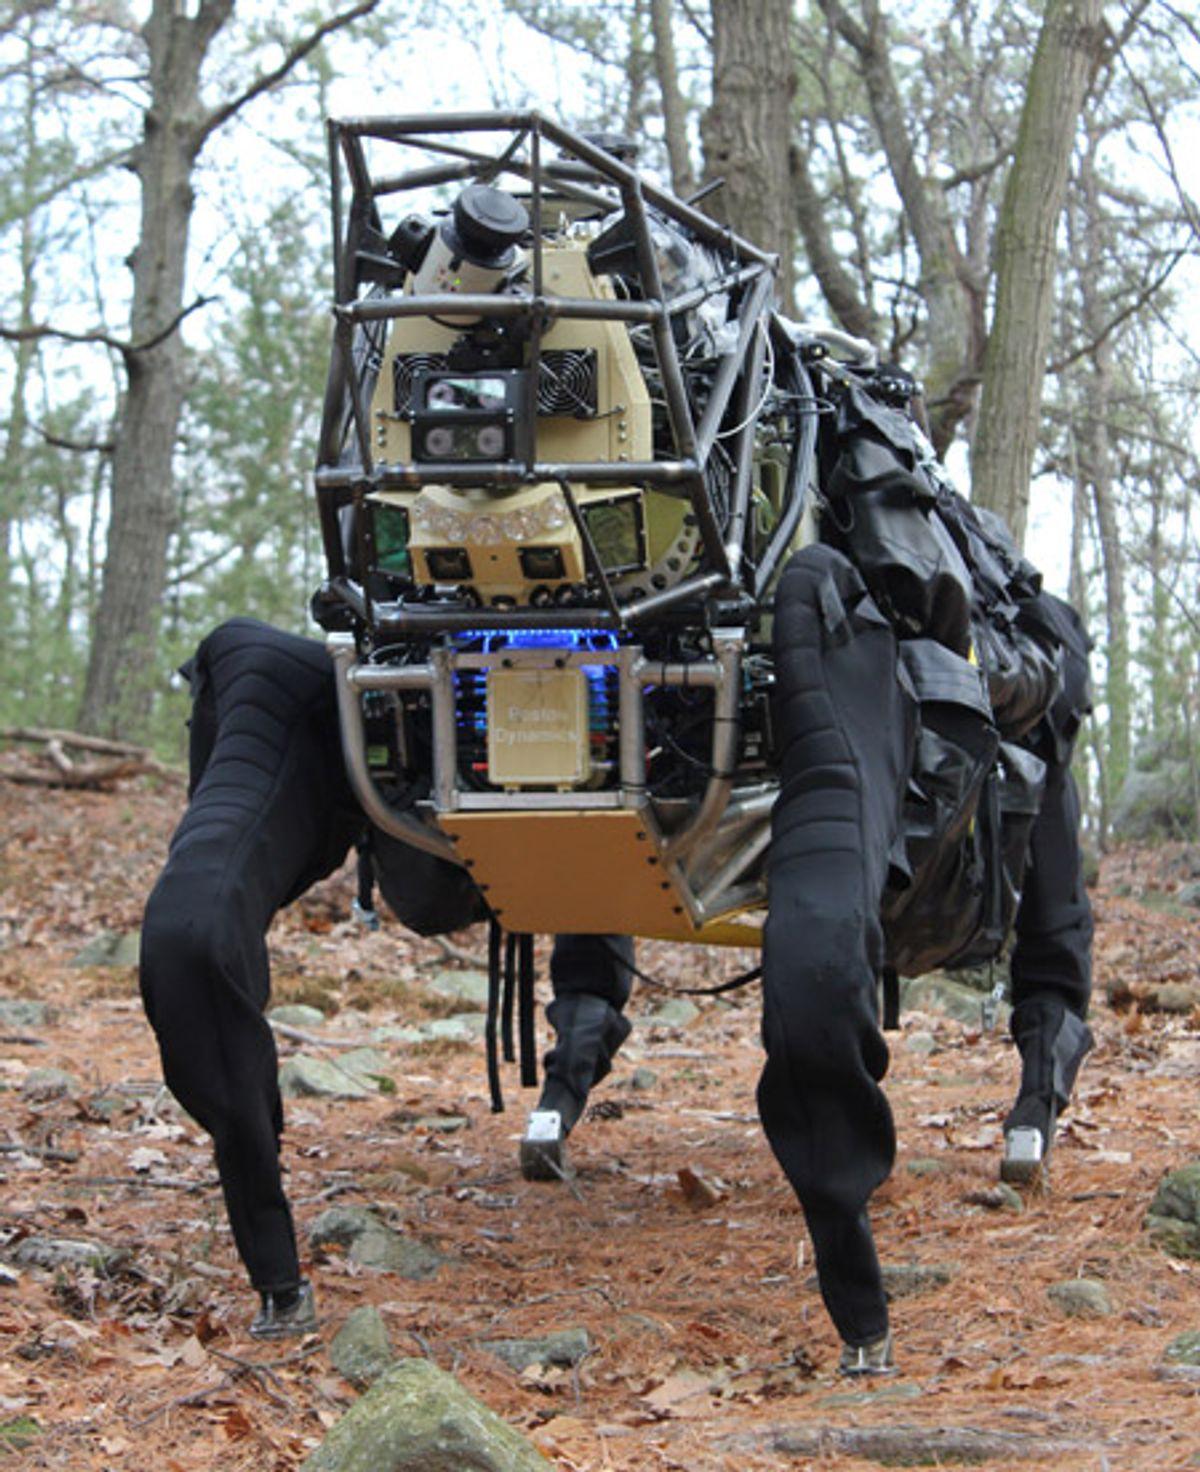 LS3 AlphaDog Robot Begins Outdoor Assessment (Video)